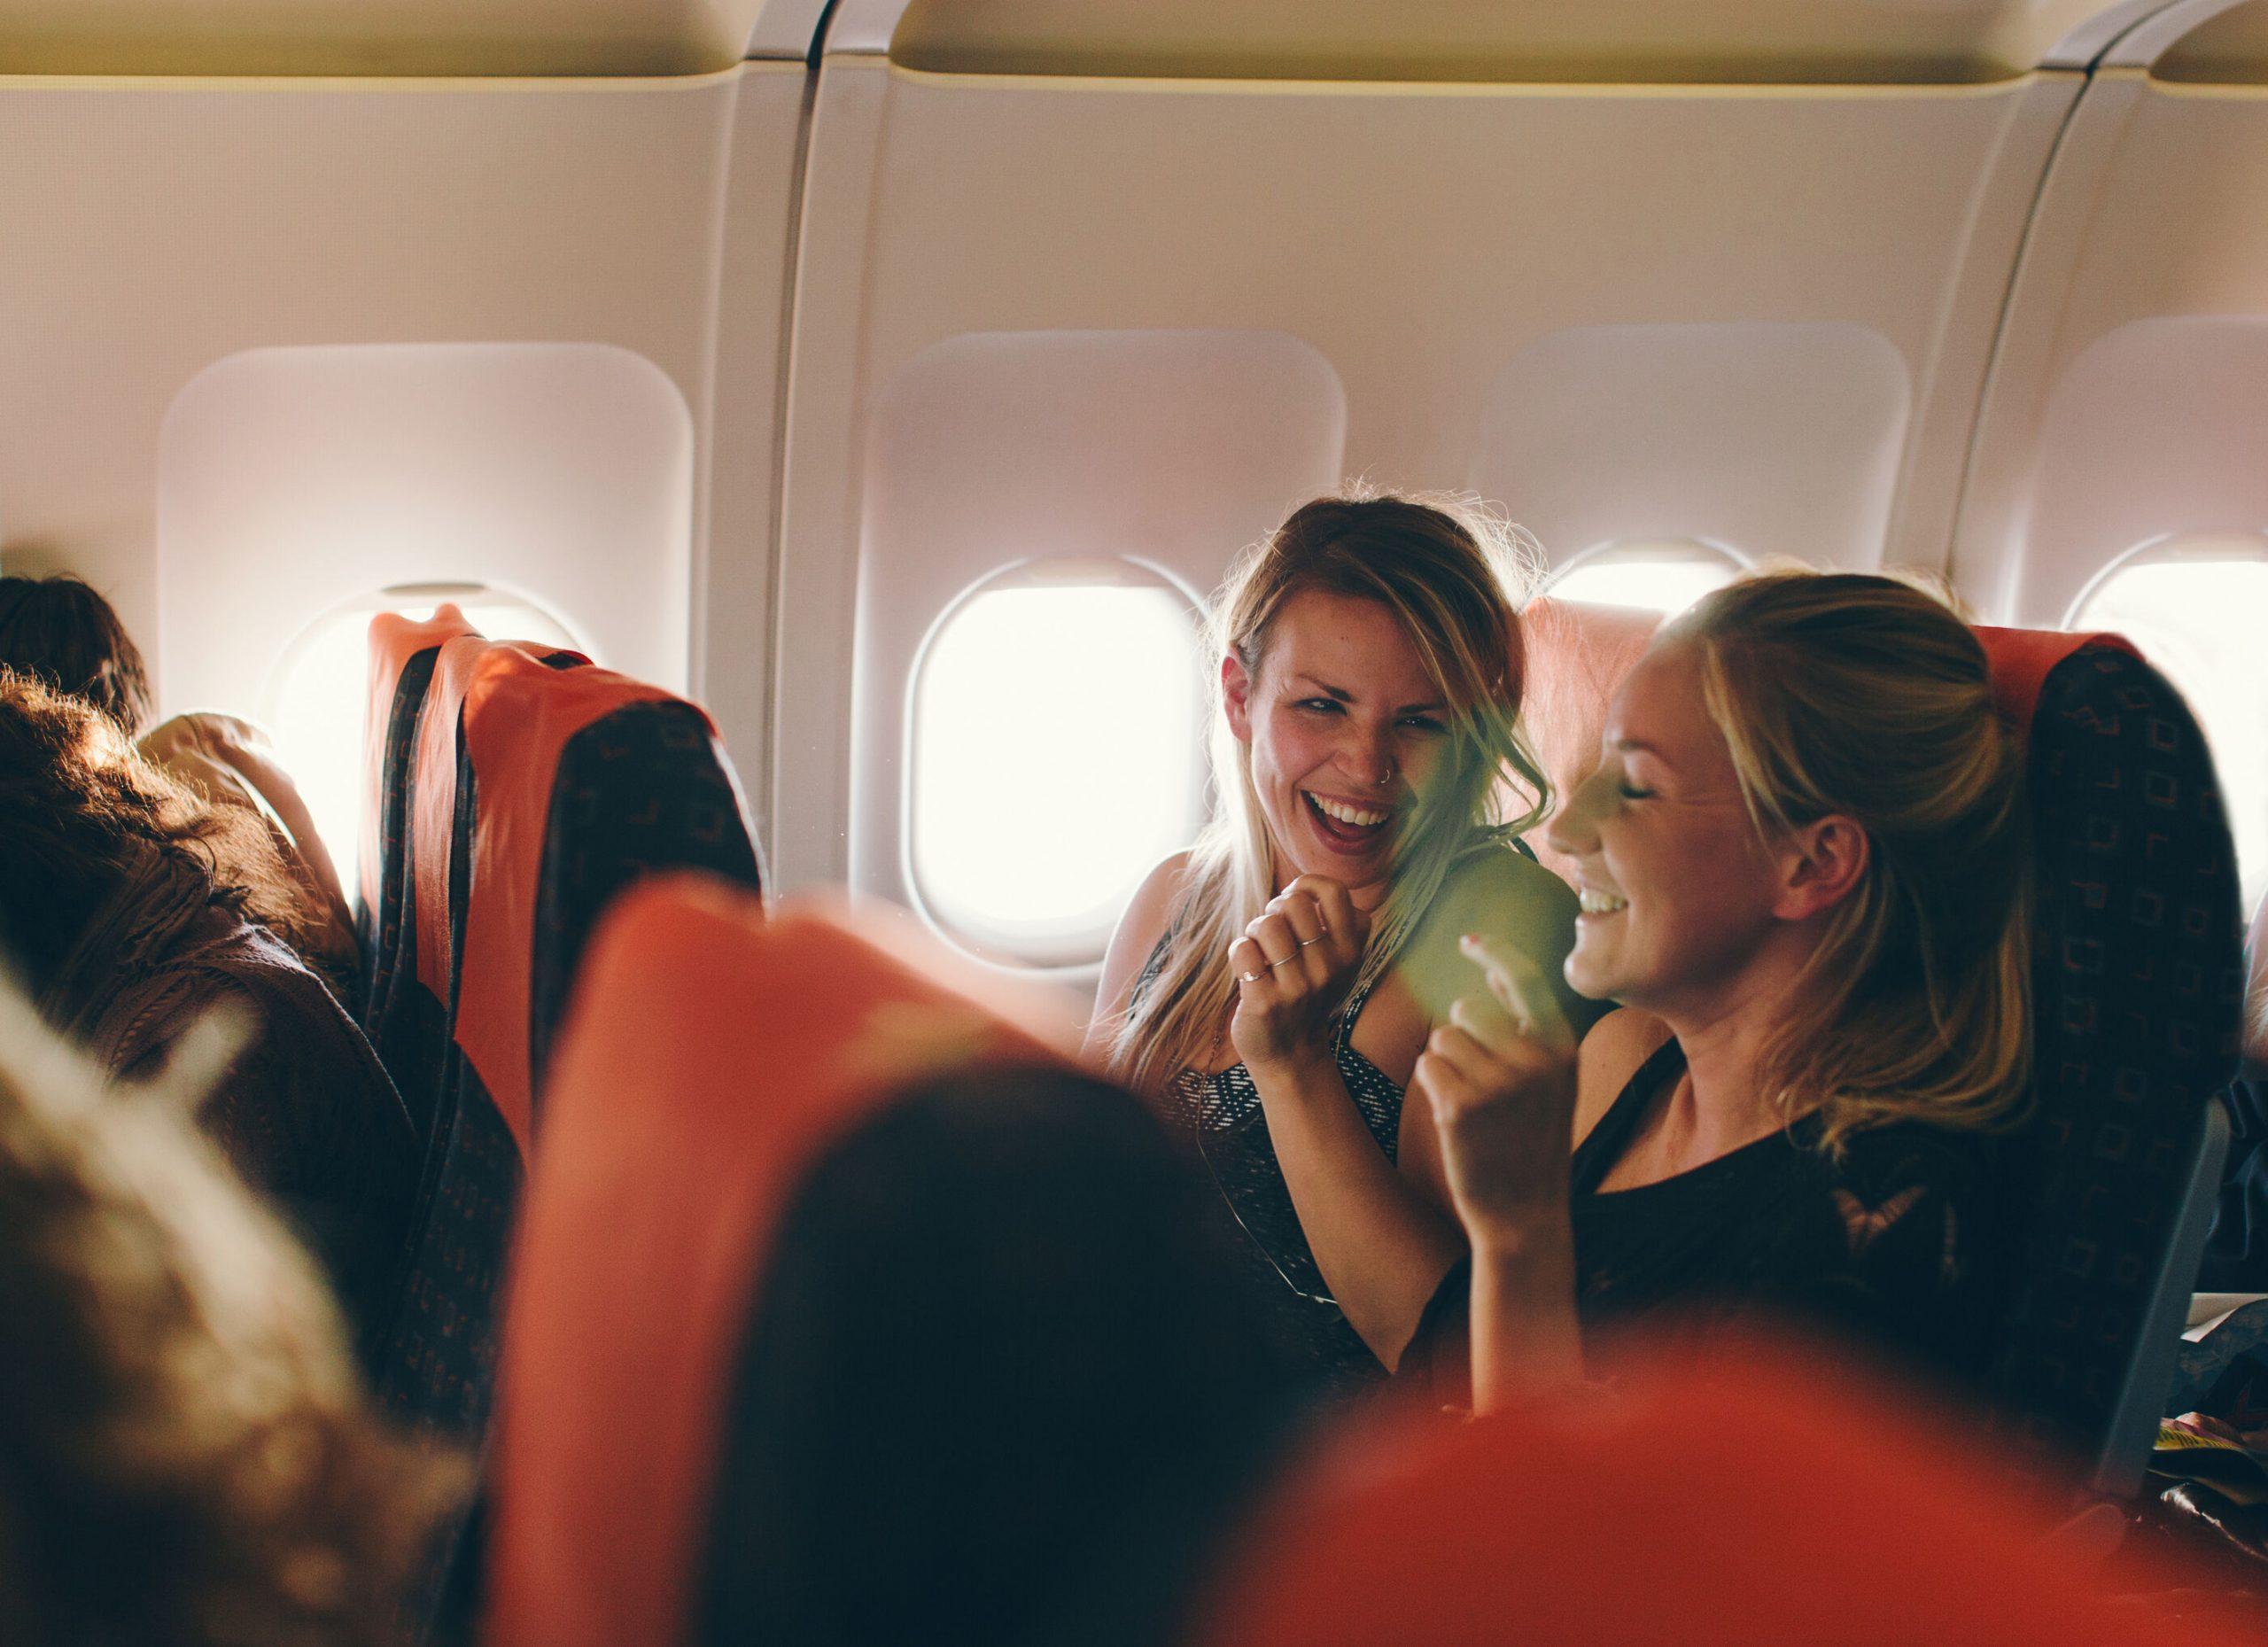 Kundenzufriedenheit im Reisesektor steigern